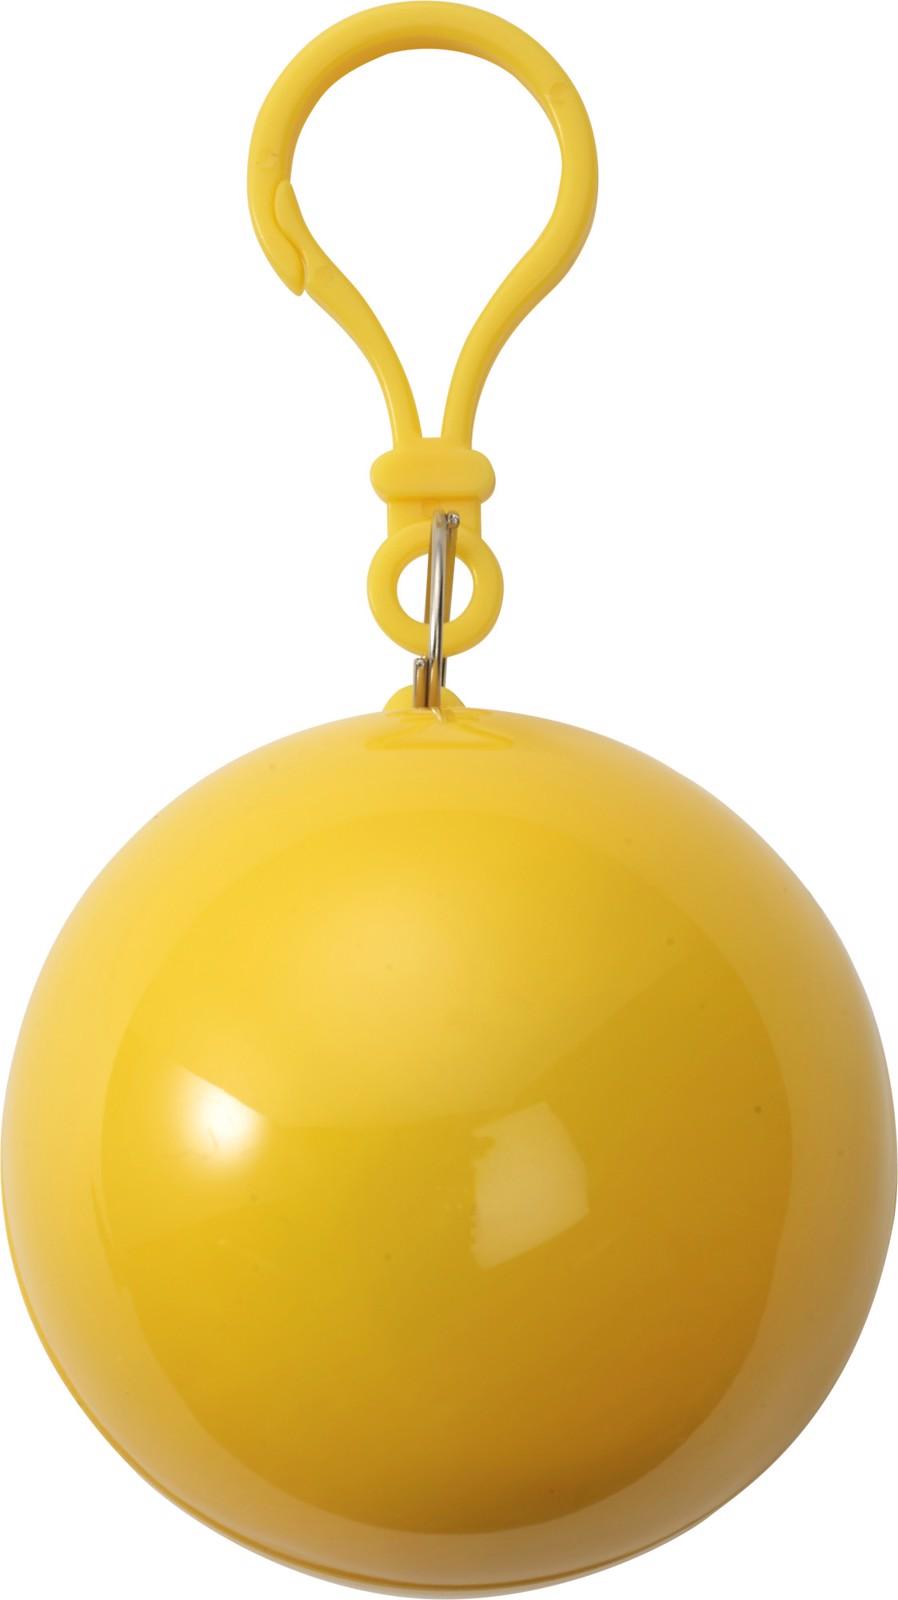 PVC poncho - Yellow